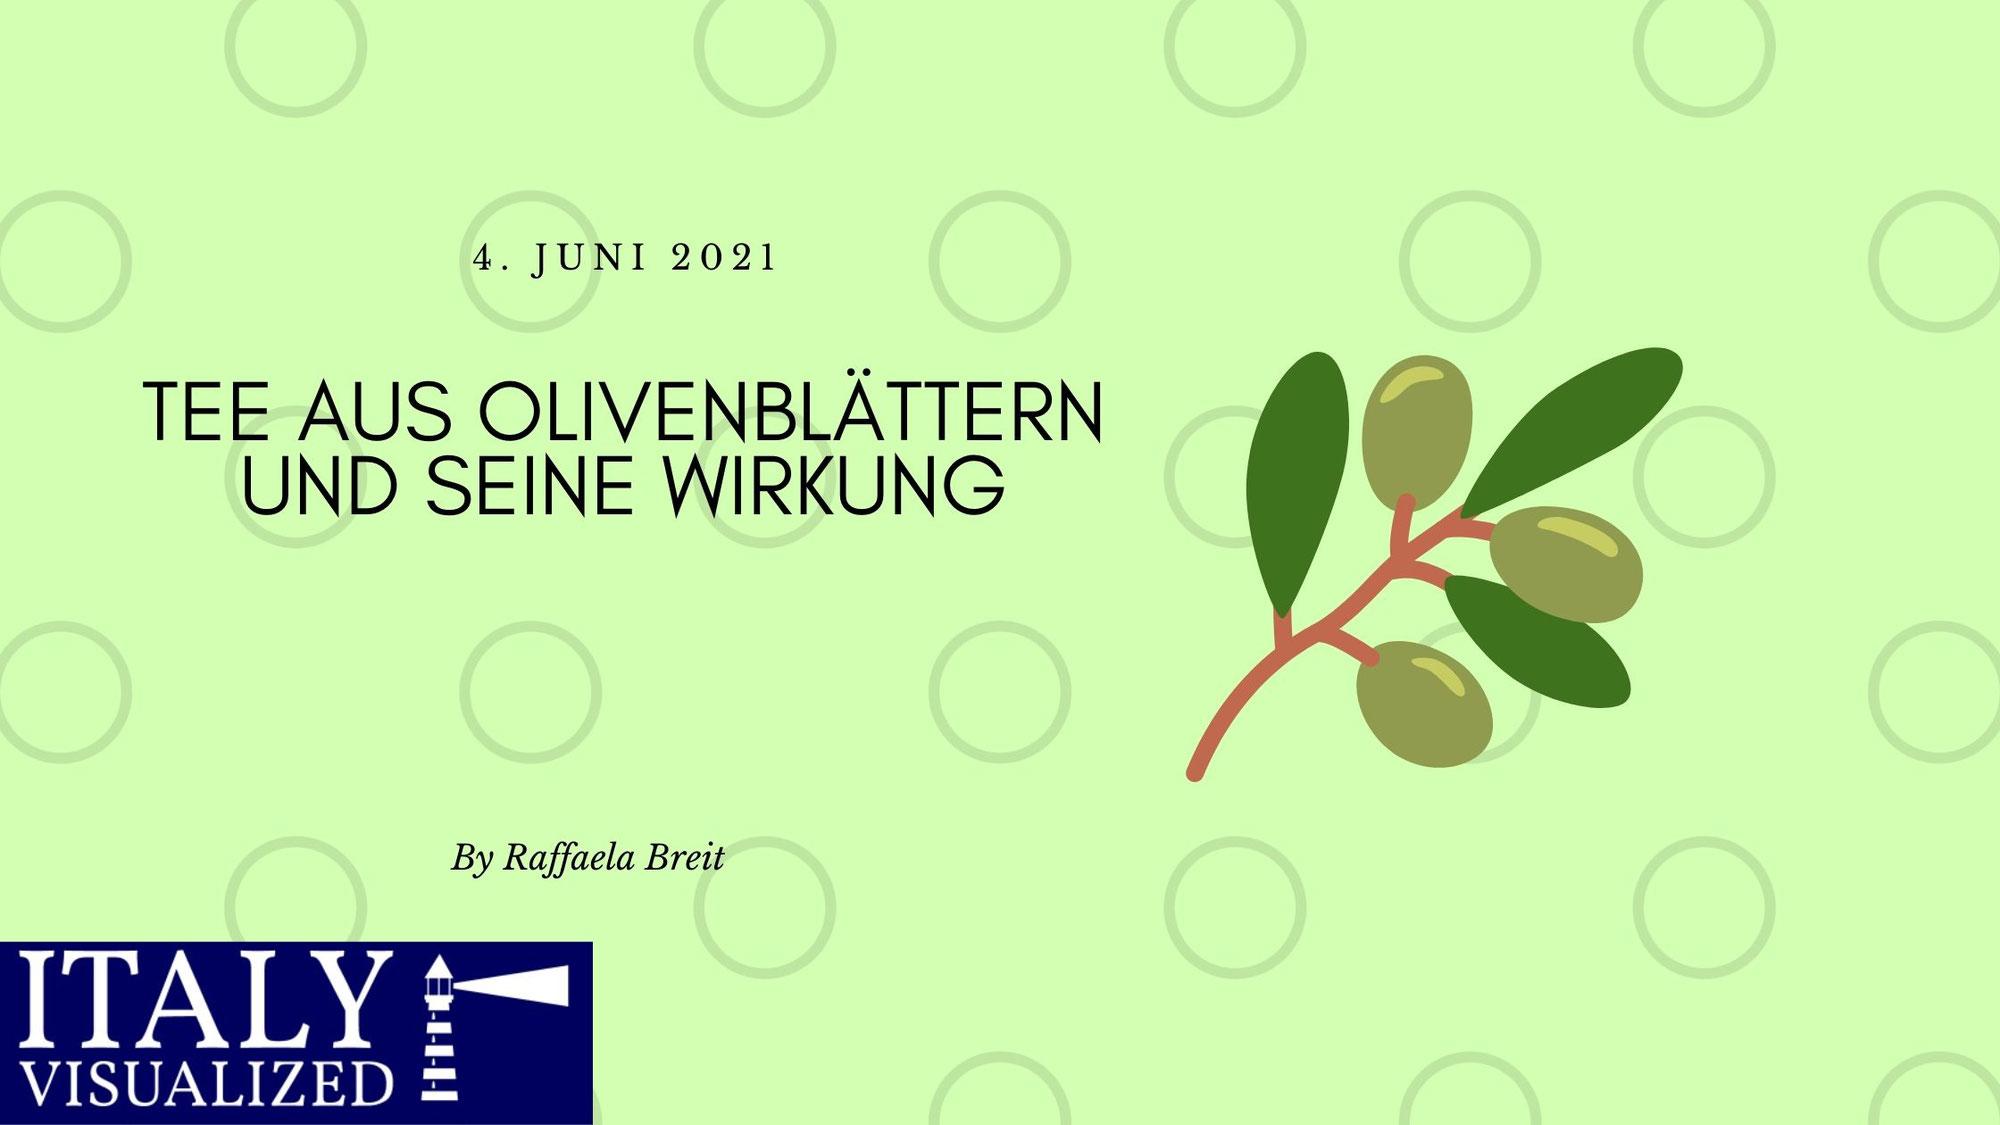 Tee aus Olivenblättern und seine Wirkung